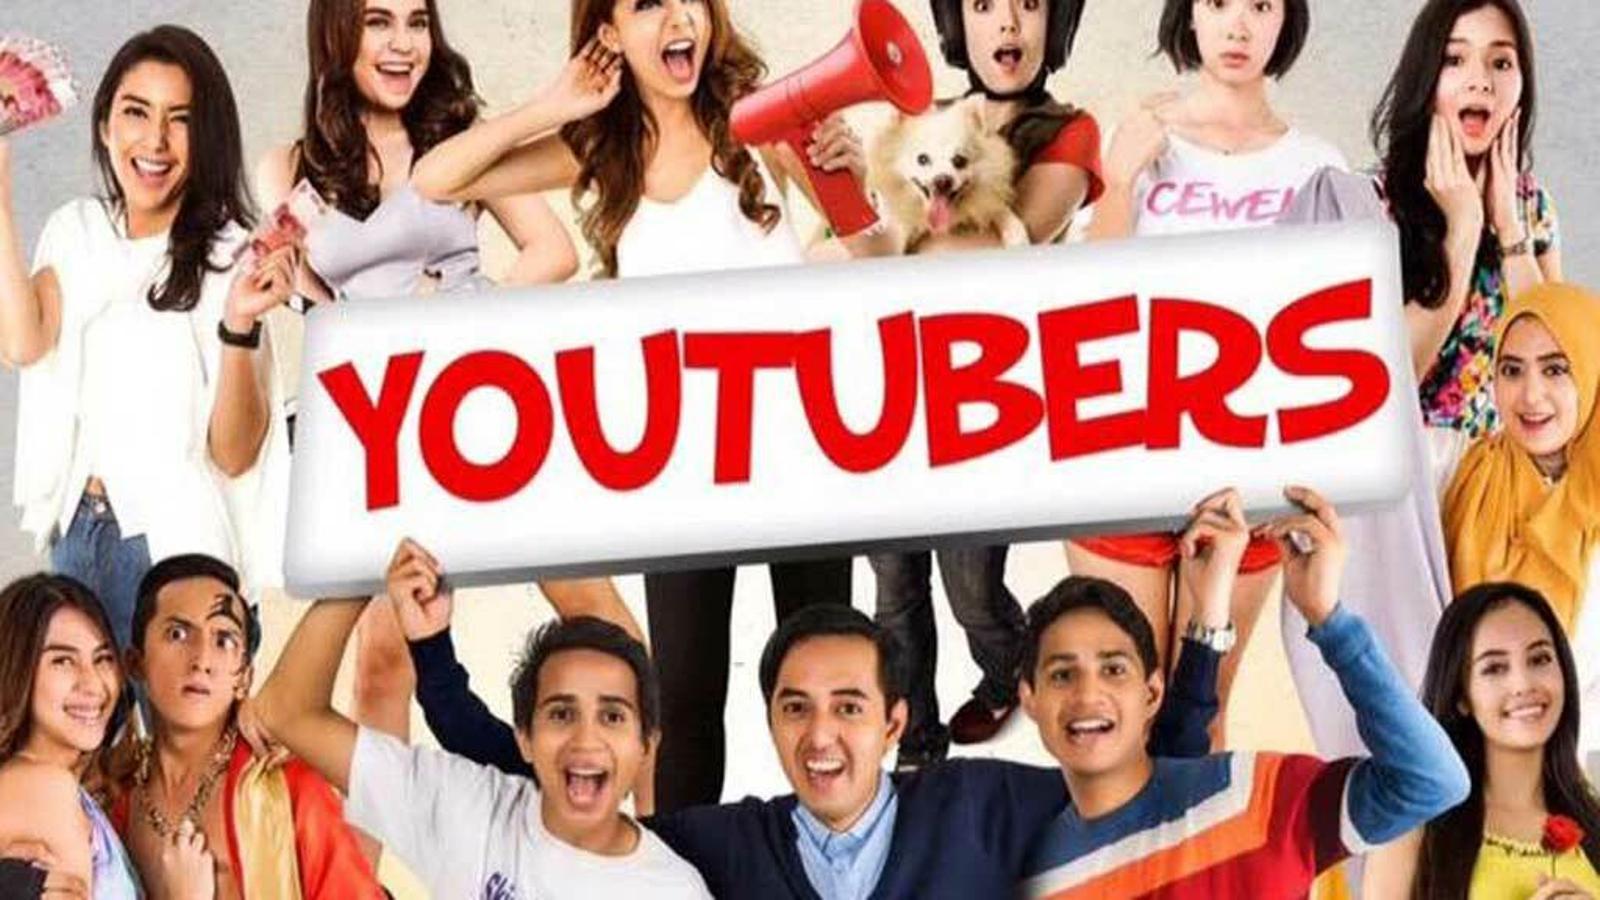 Cartell que vanutilitzar Youtube per una campanya promocional de creadors de contingut. / YOUTUBE